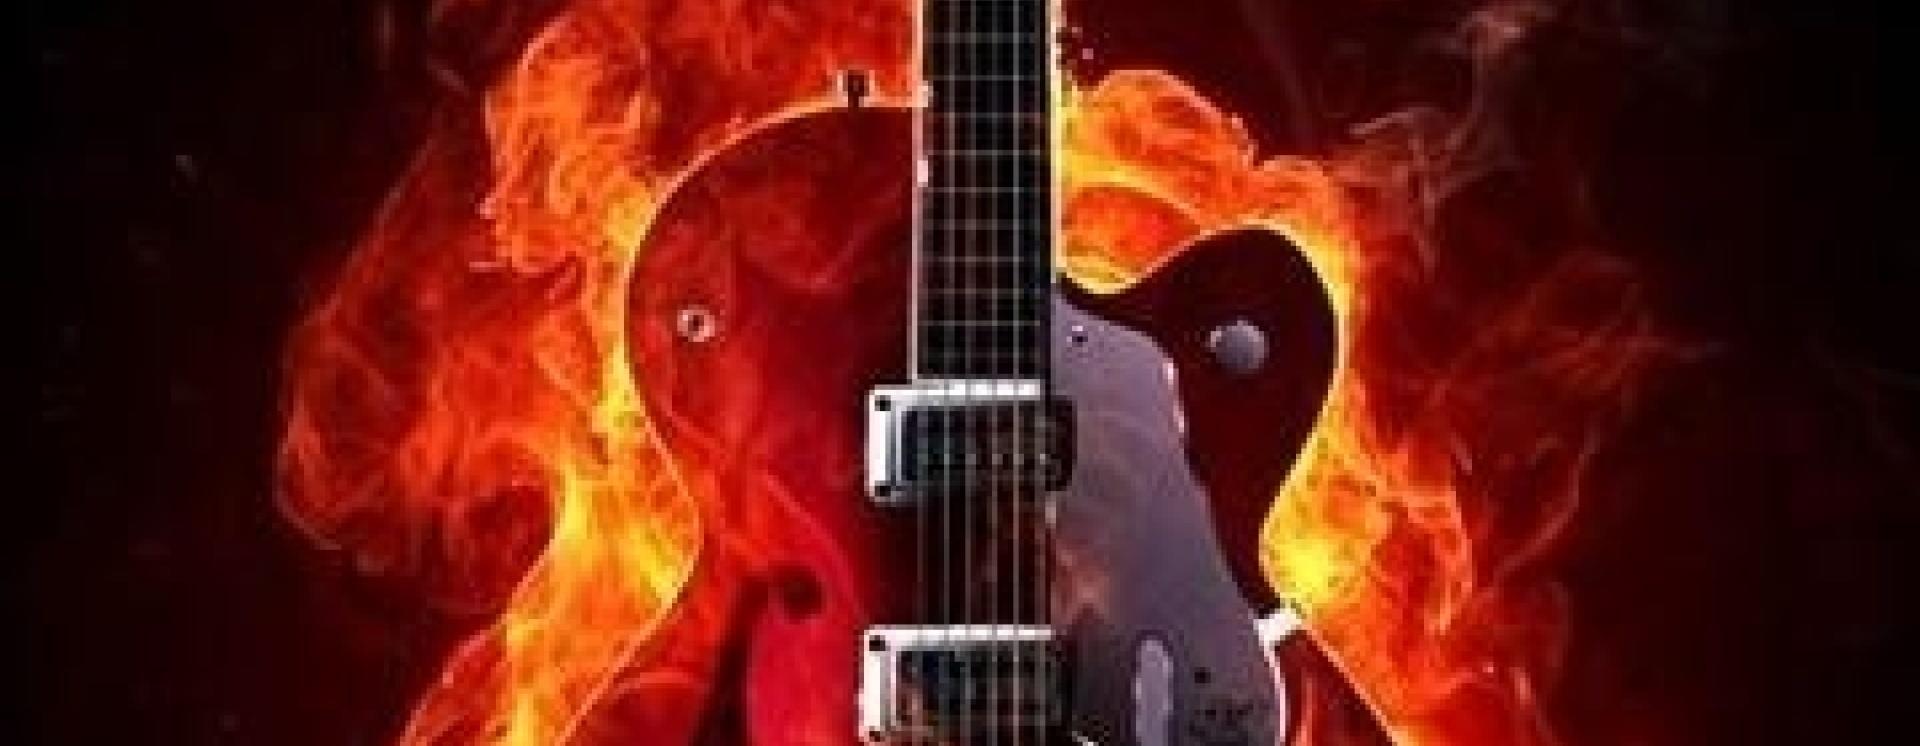 1423595714 burning guitar wallpaper copy